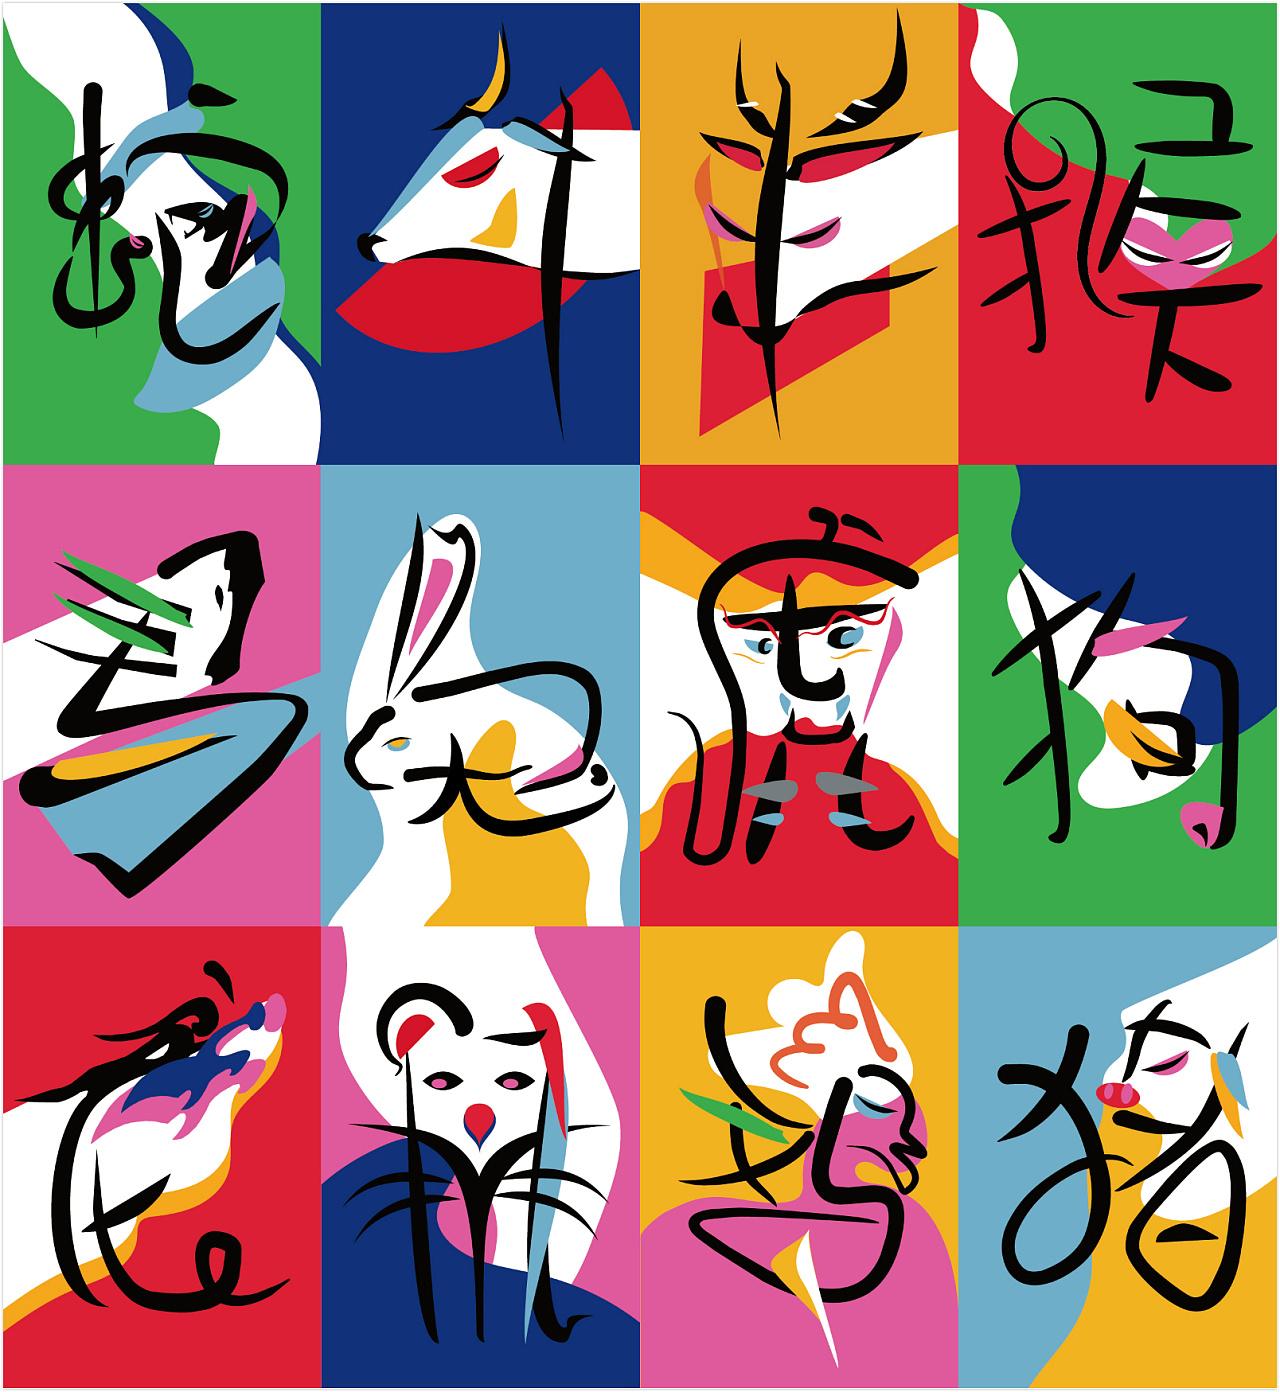 12生肖字体海报设计图片